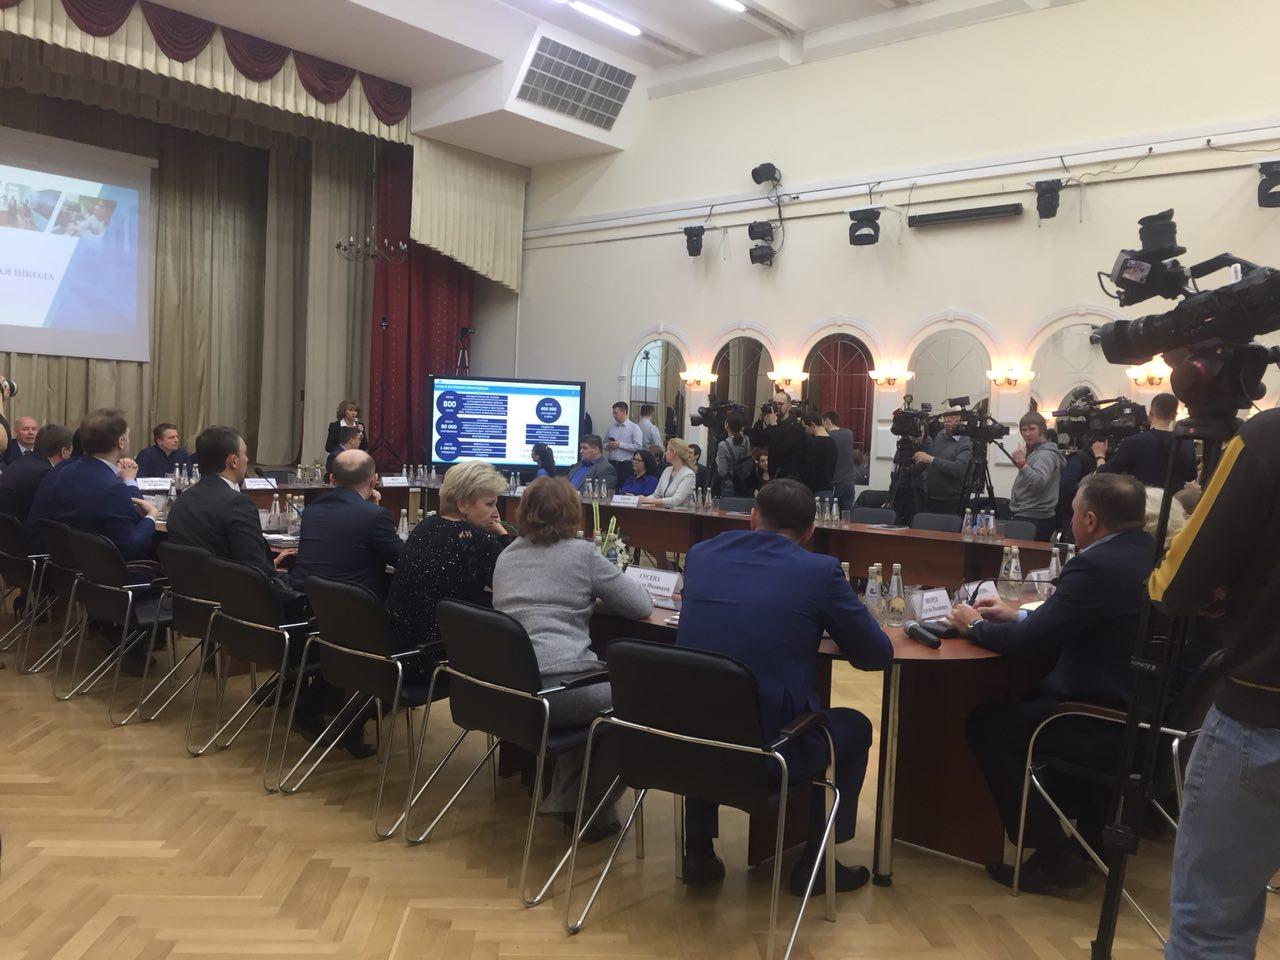 Пресс-конференцию «Возможности современного московского образования» провели в столице